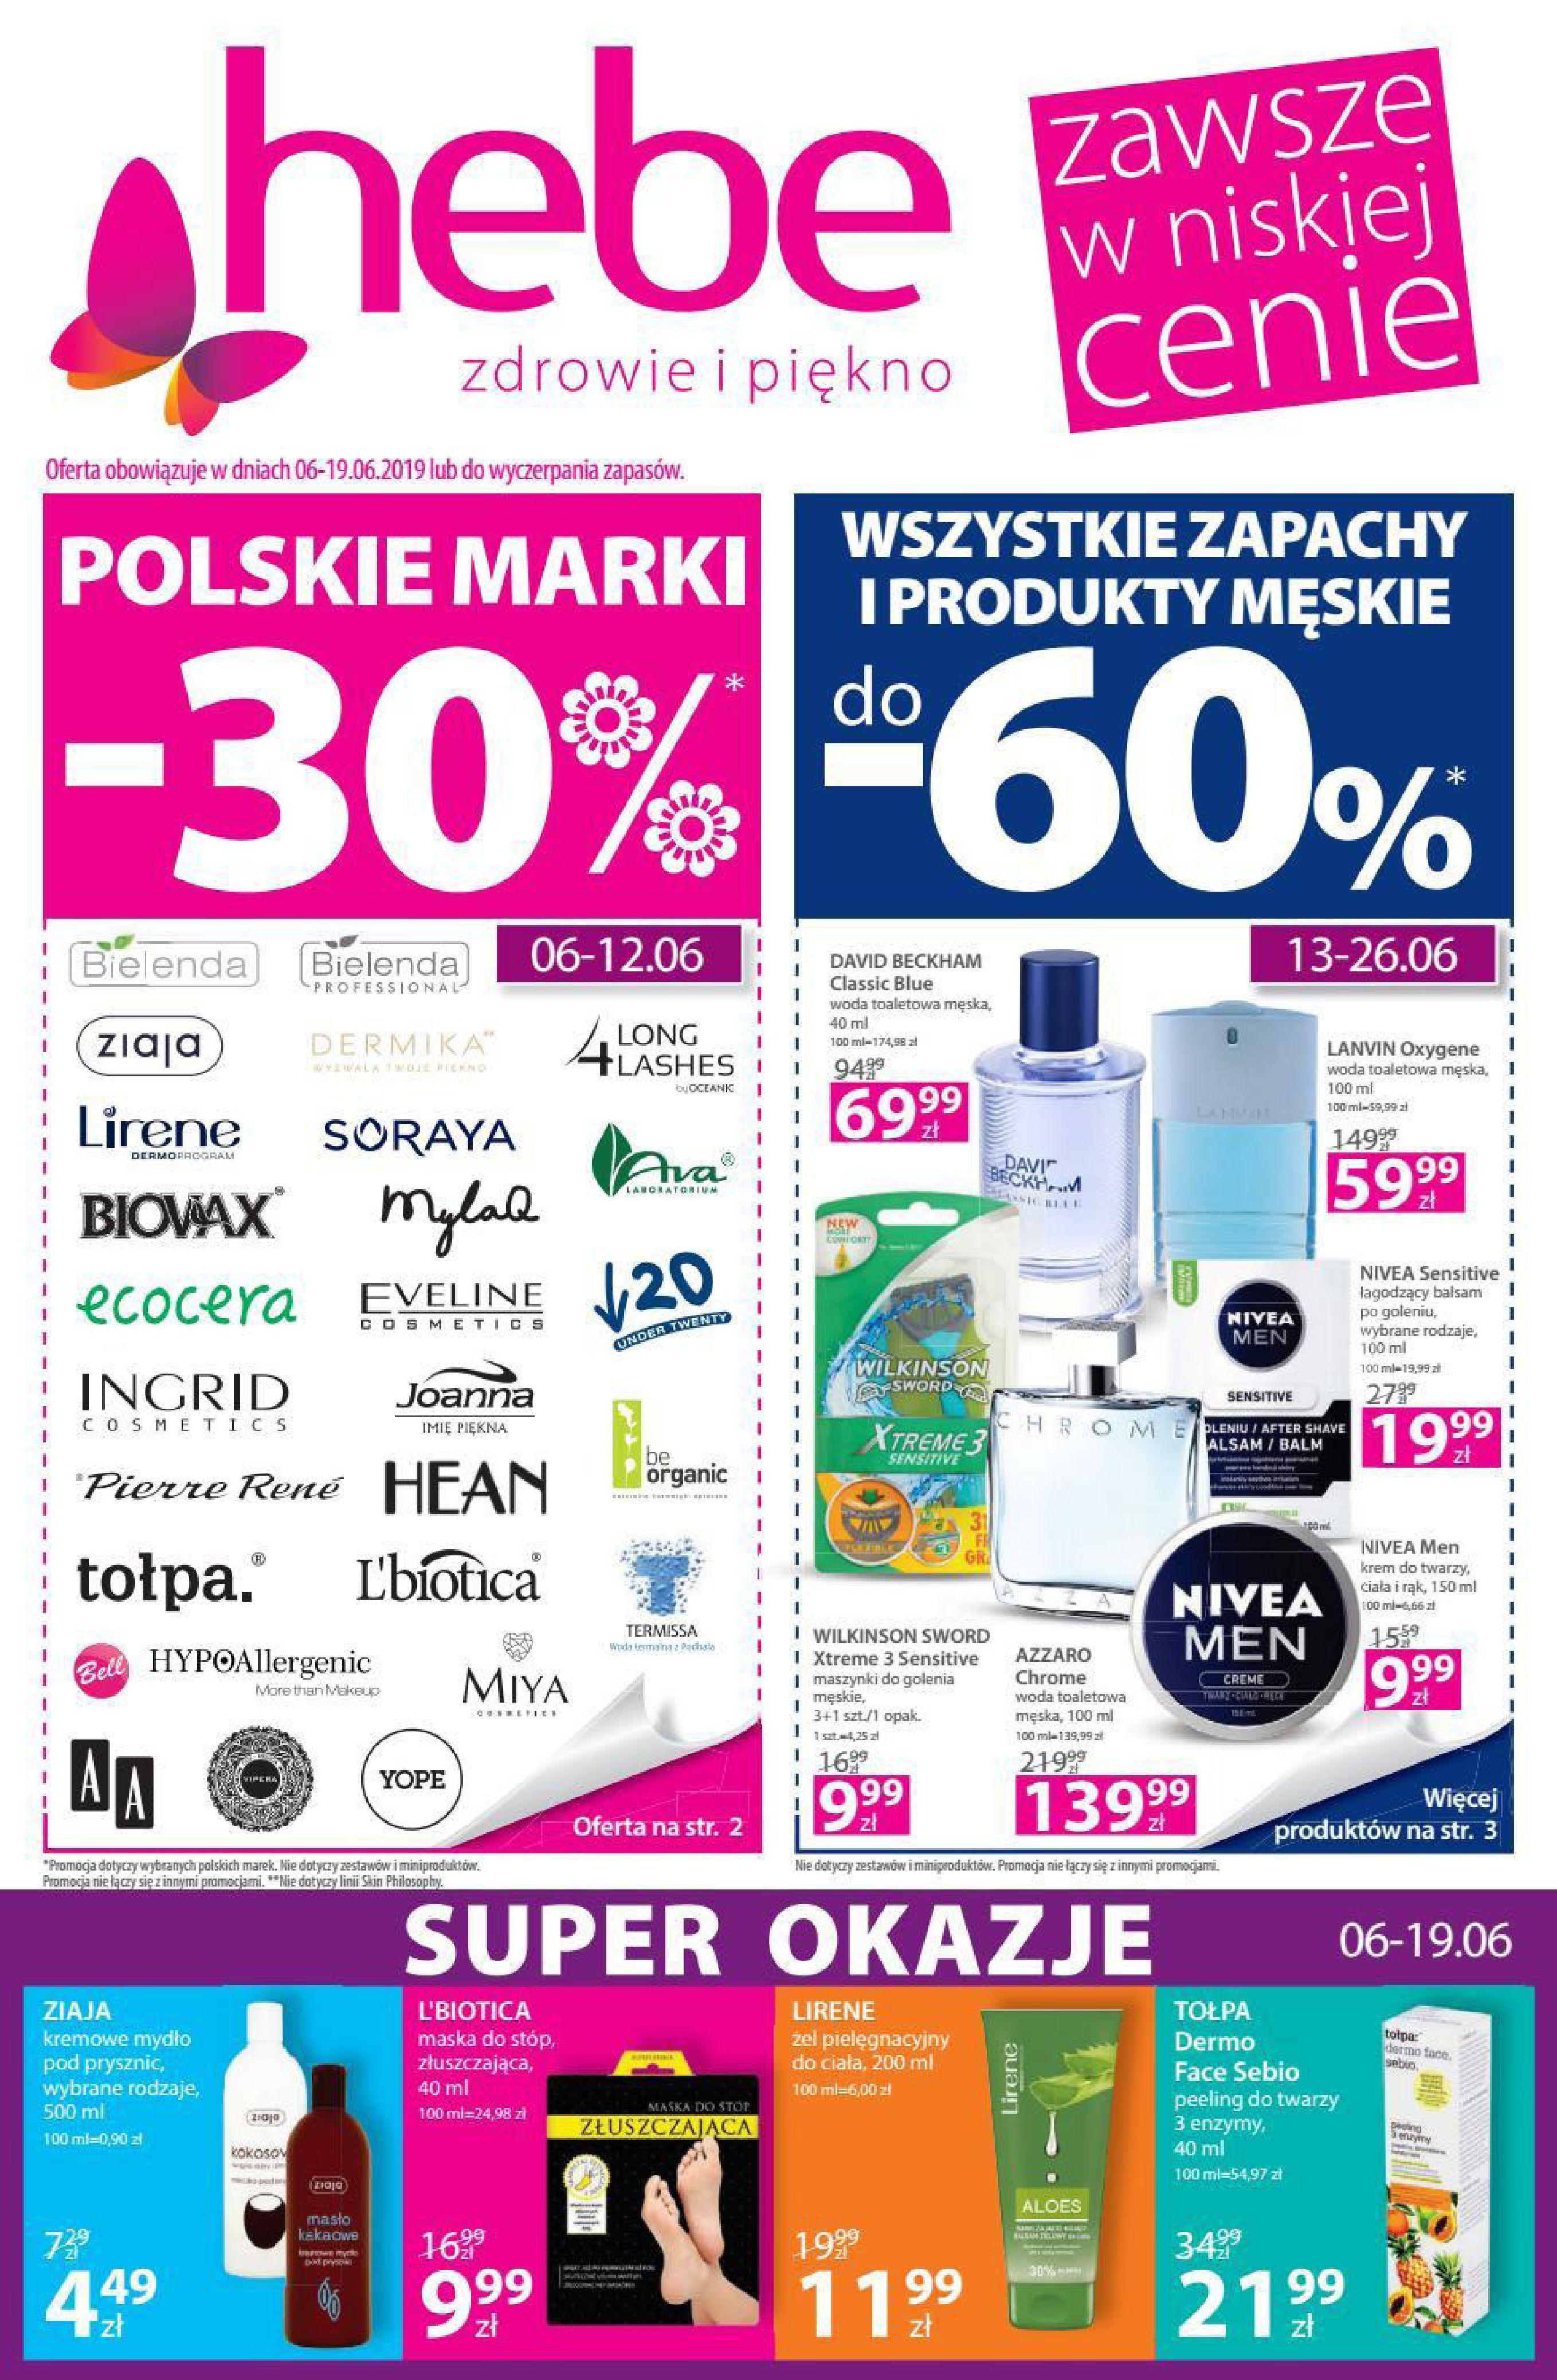 Gazetka hebe - Oferta promocyjna-05.06.2019-19.06.2019-page-